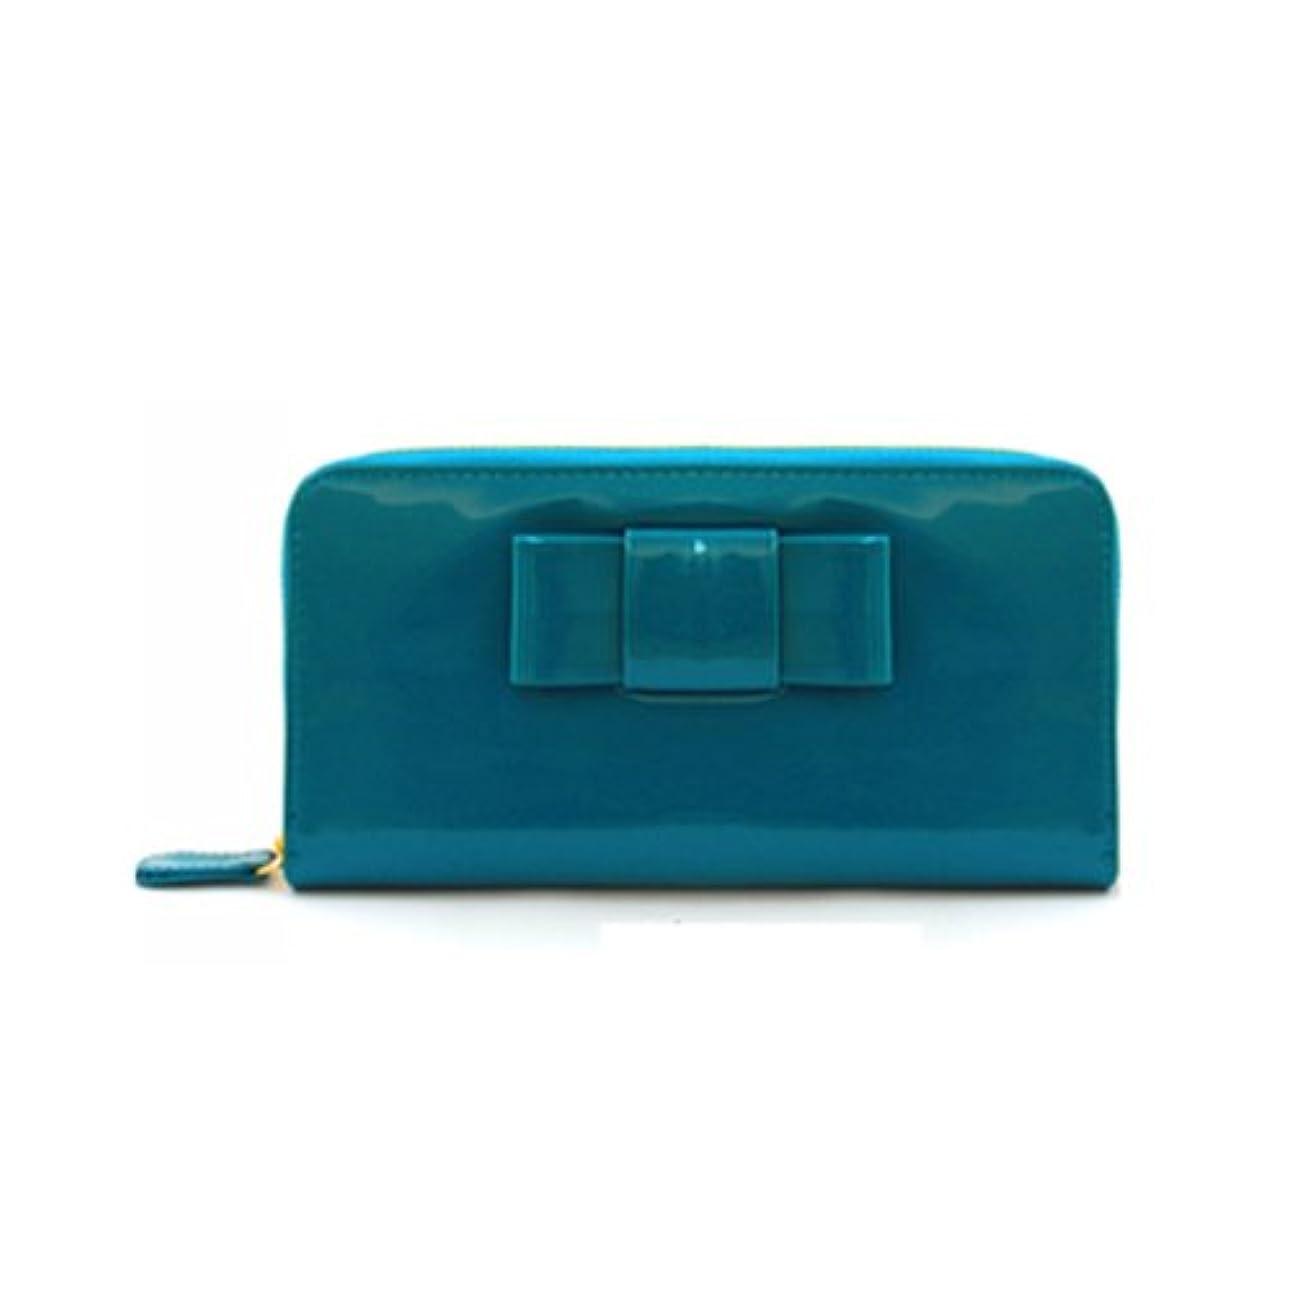 花瓶そうでなければ変装した財布 レディース 長財布 エナメル リボン ラウンドファスナー長財布